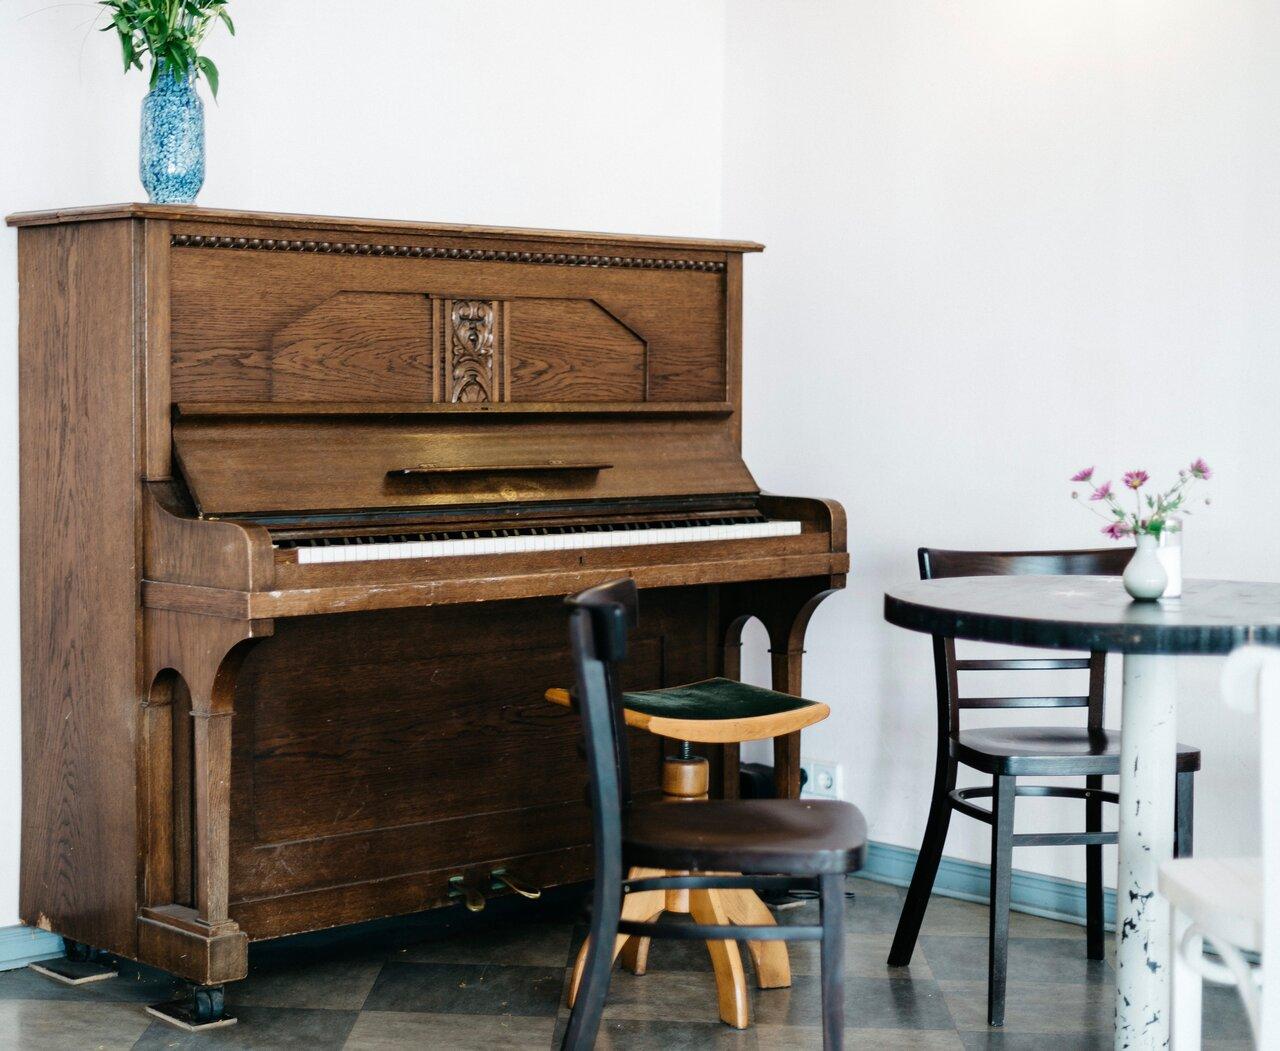 Piano movers in California